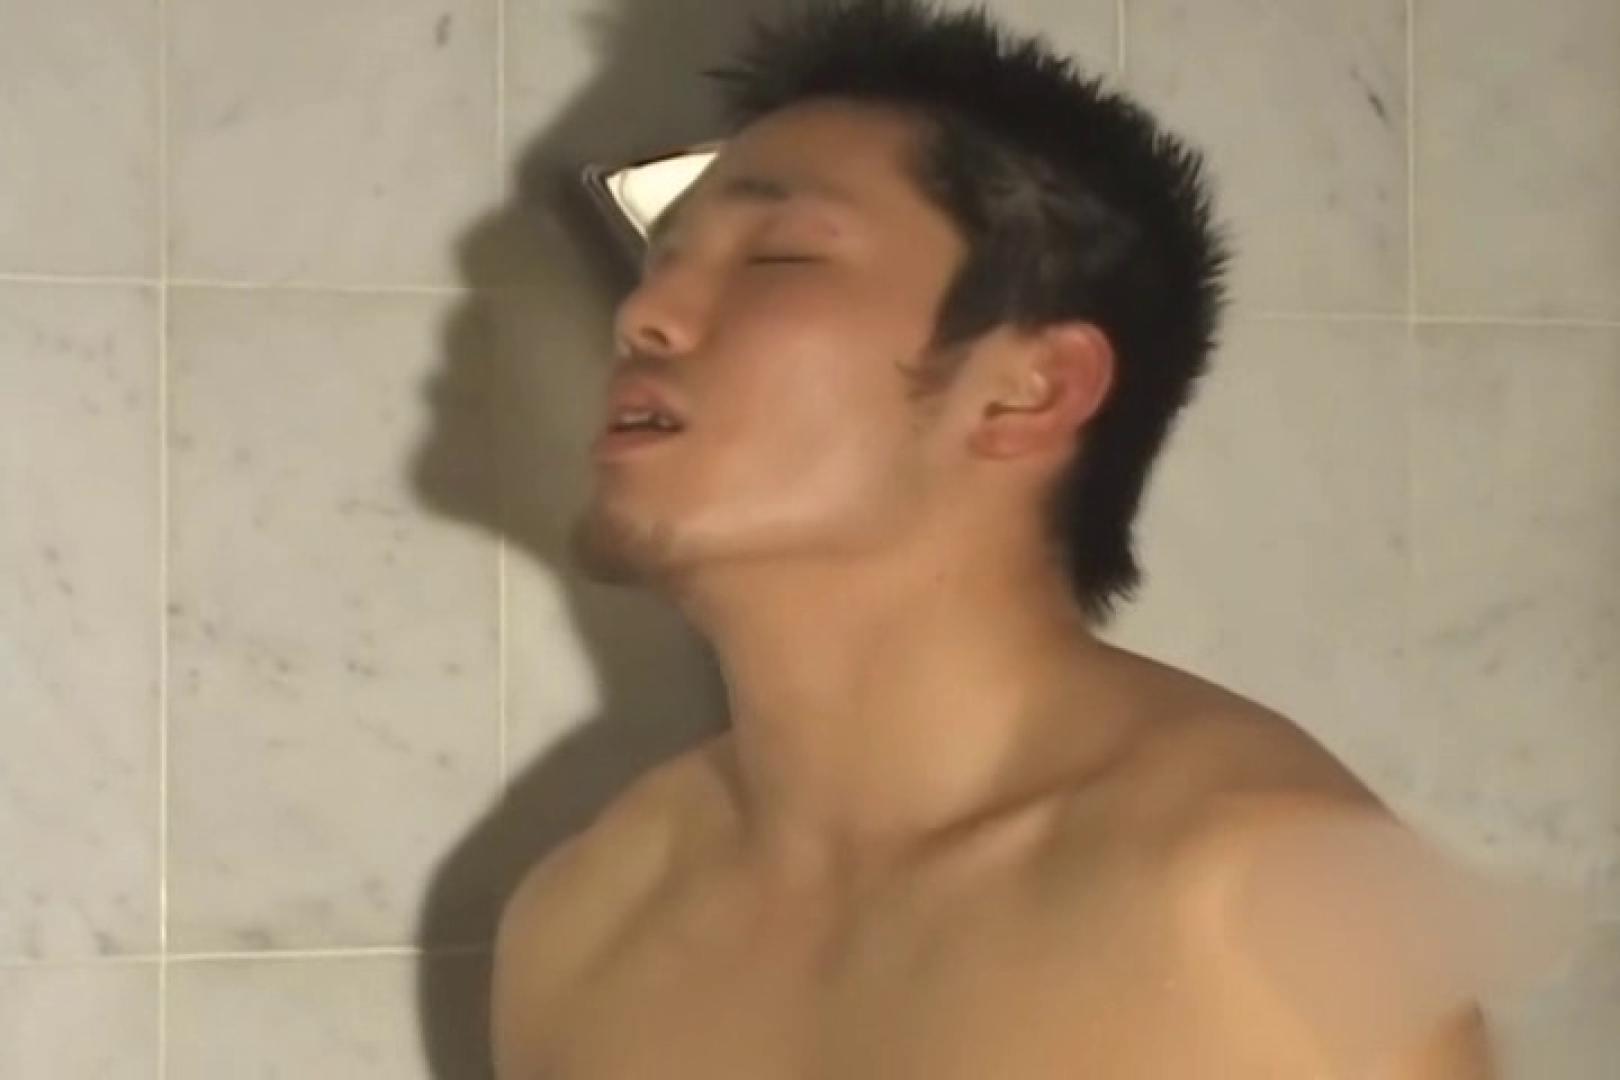 体育会系もっこり競技会file.11 ガチムチマッチョ系男子 ちんぽ画像 69枚 35